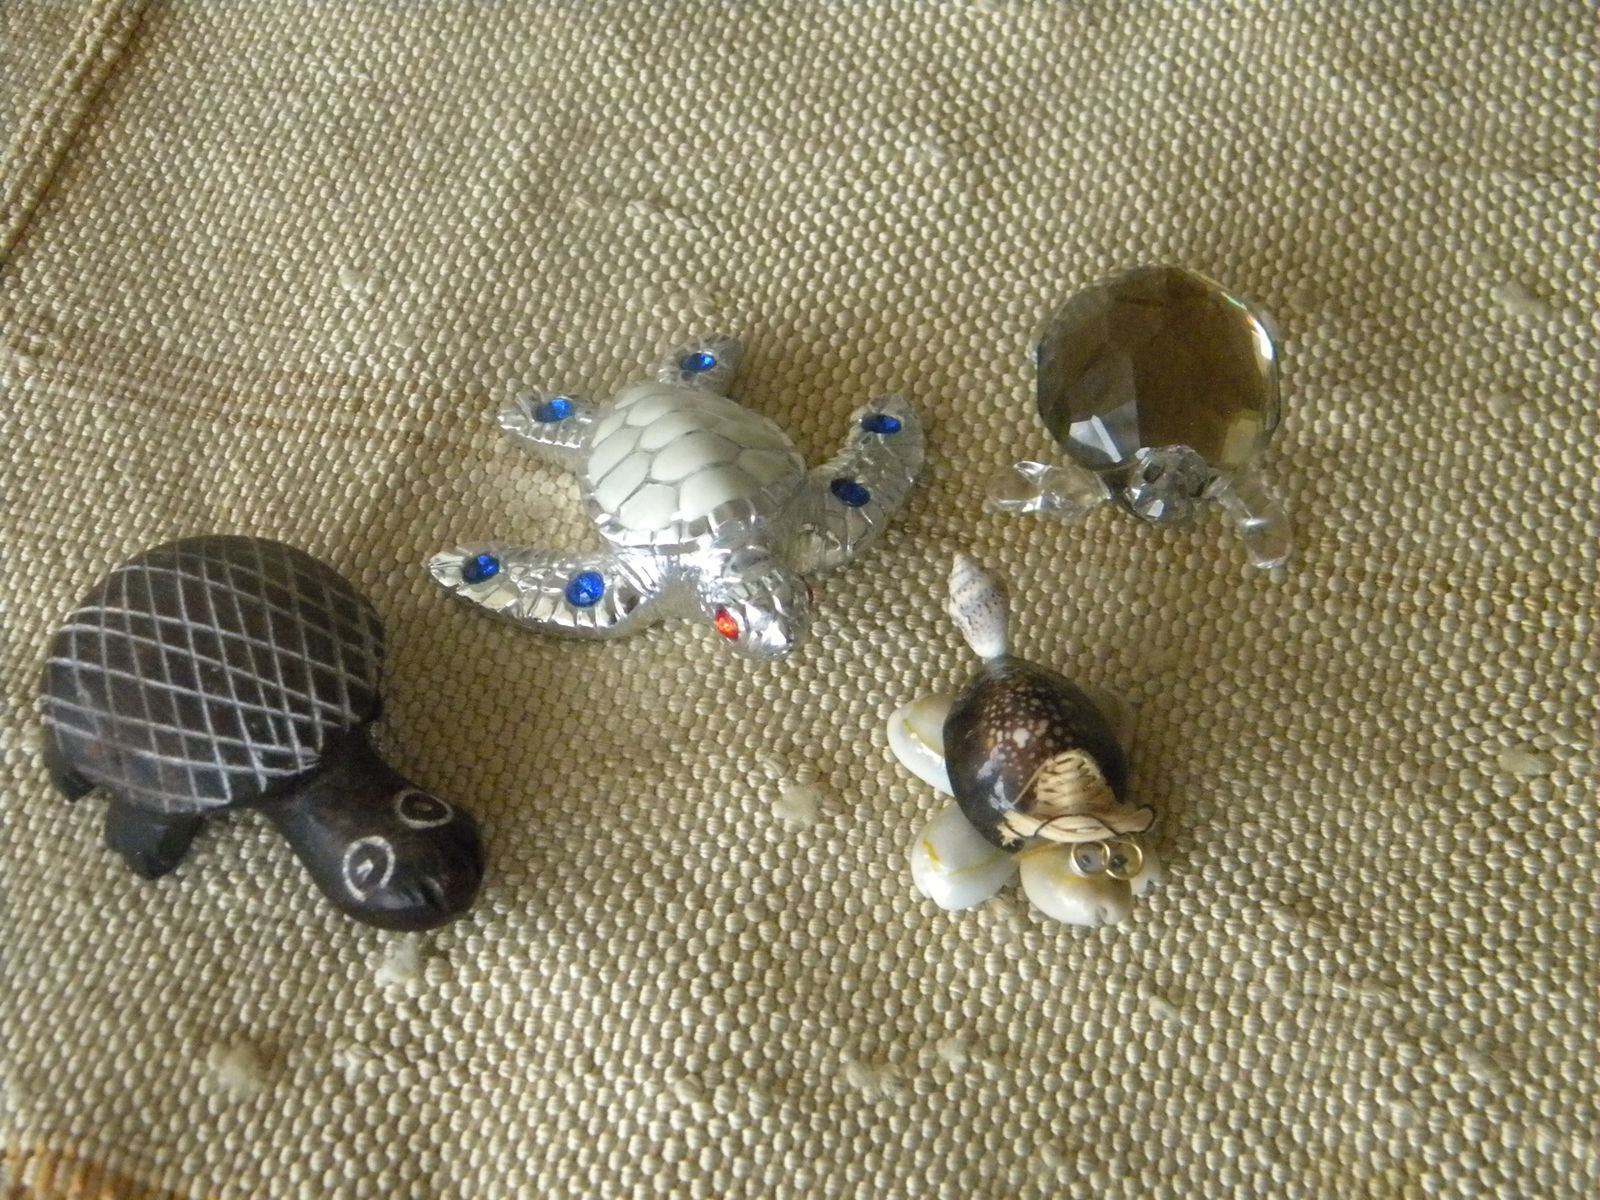 4 tortues sur un tapis